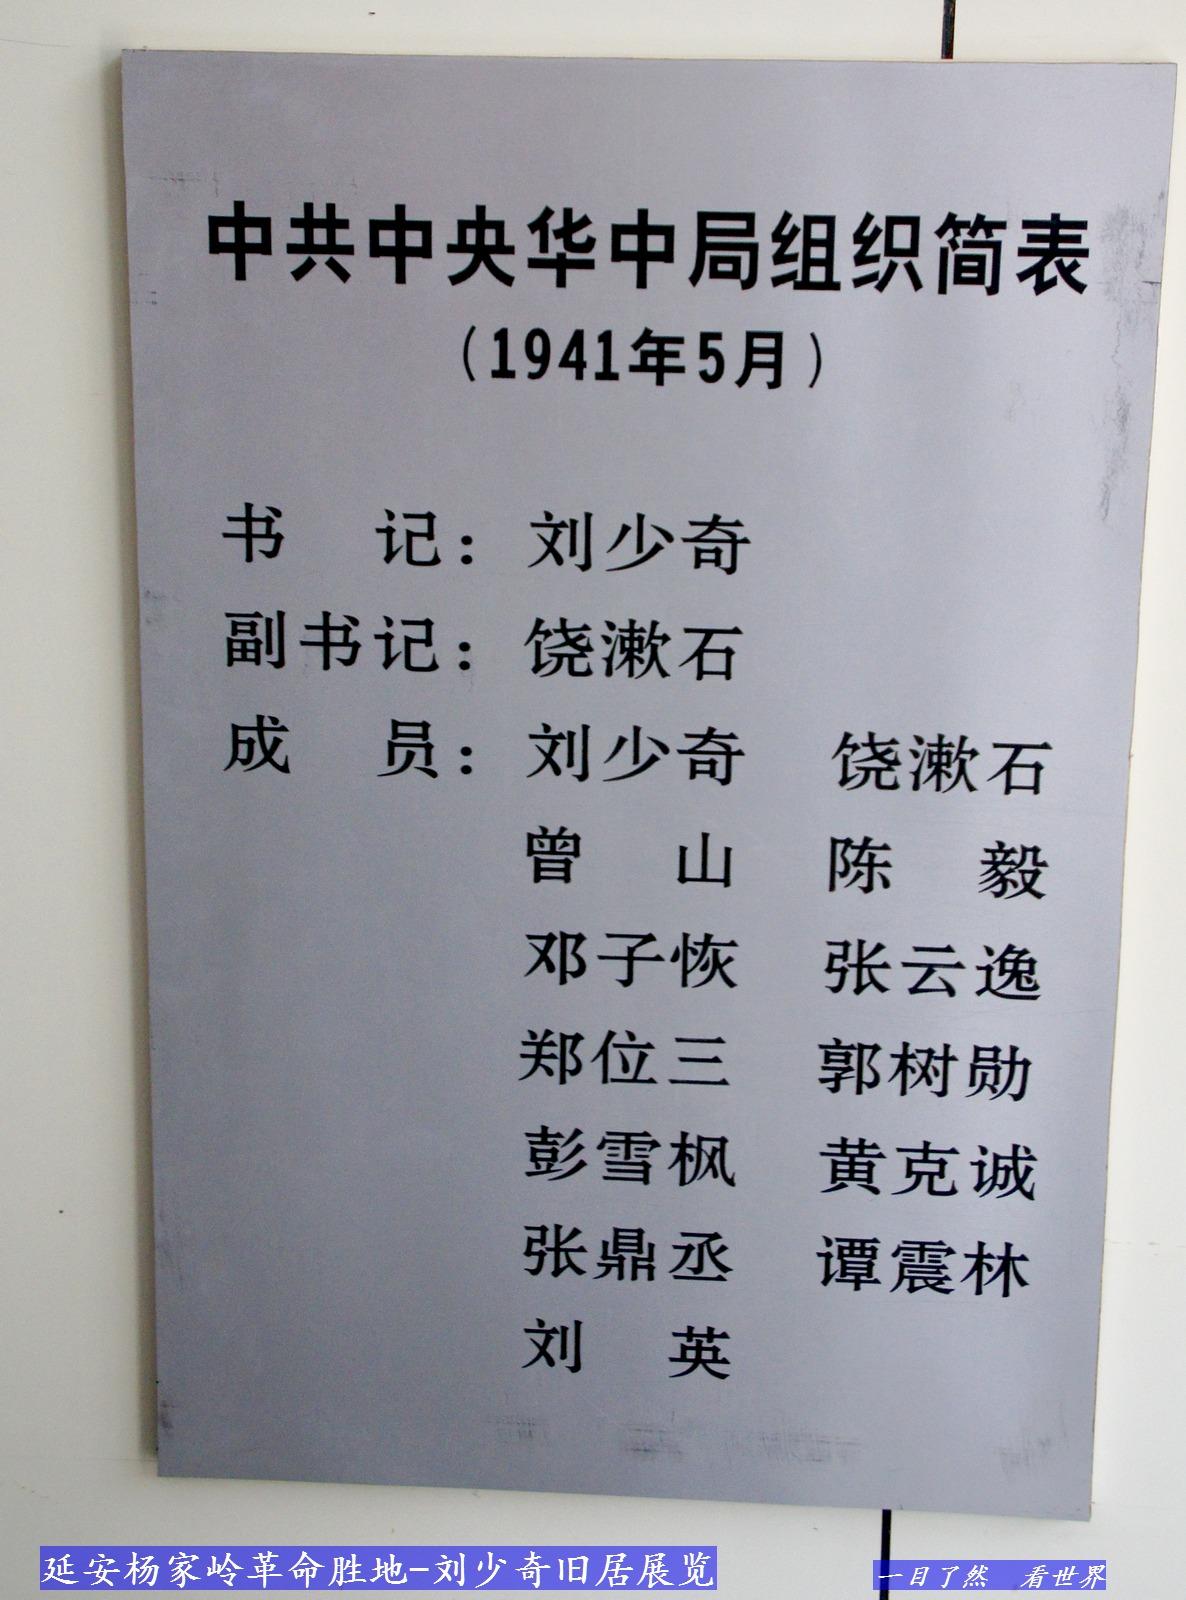 延安杨家岭革命胜地-刘少奇旧居展览--57-1600.jpg